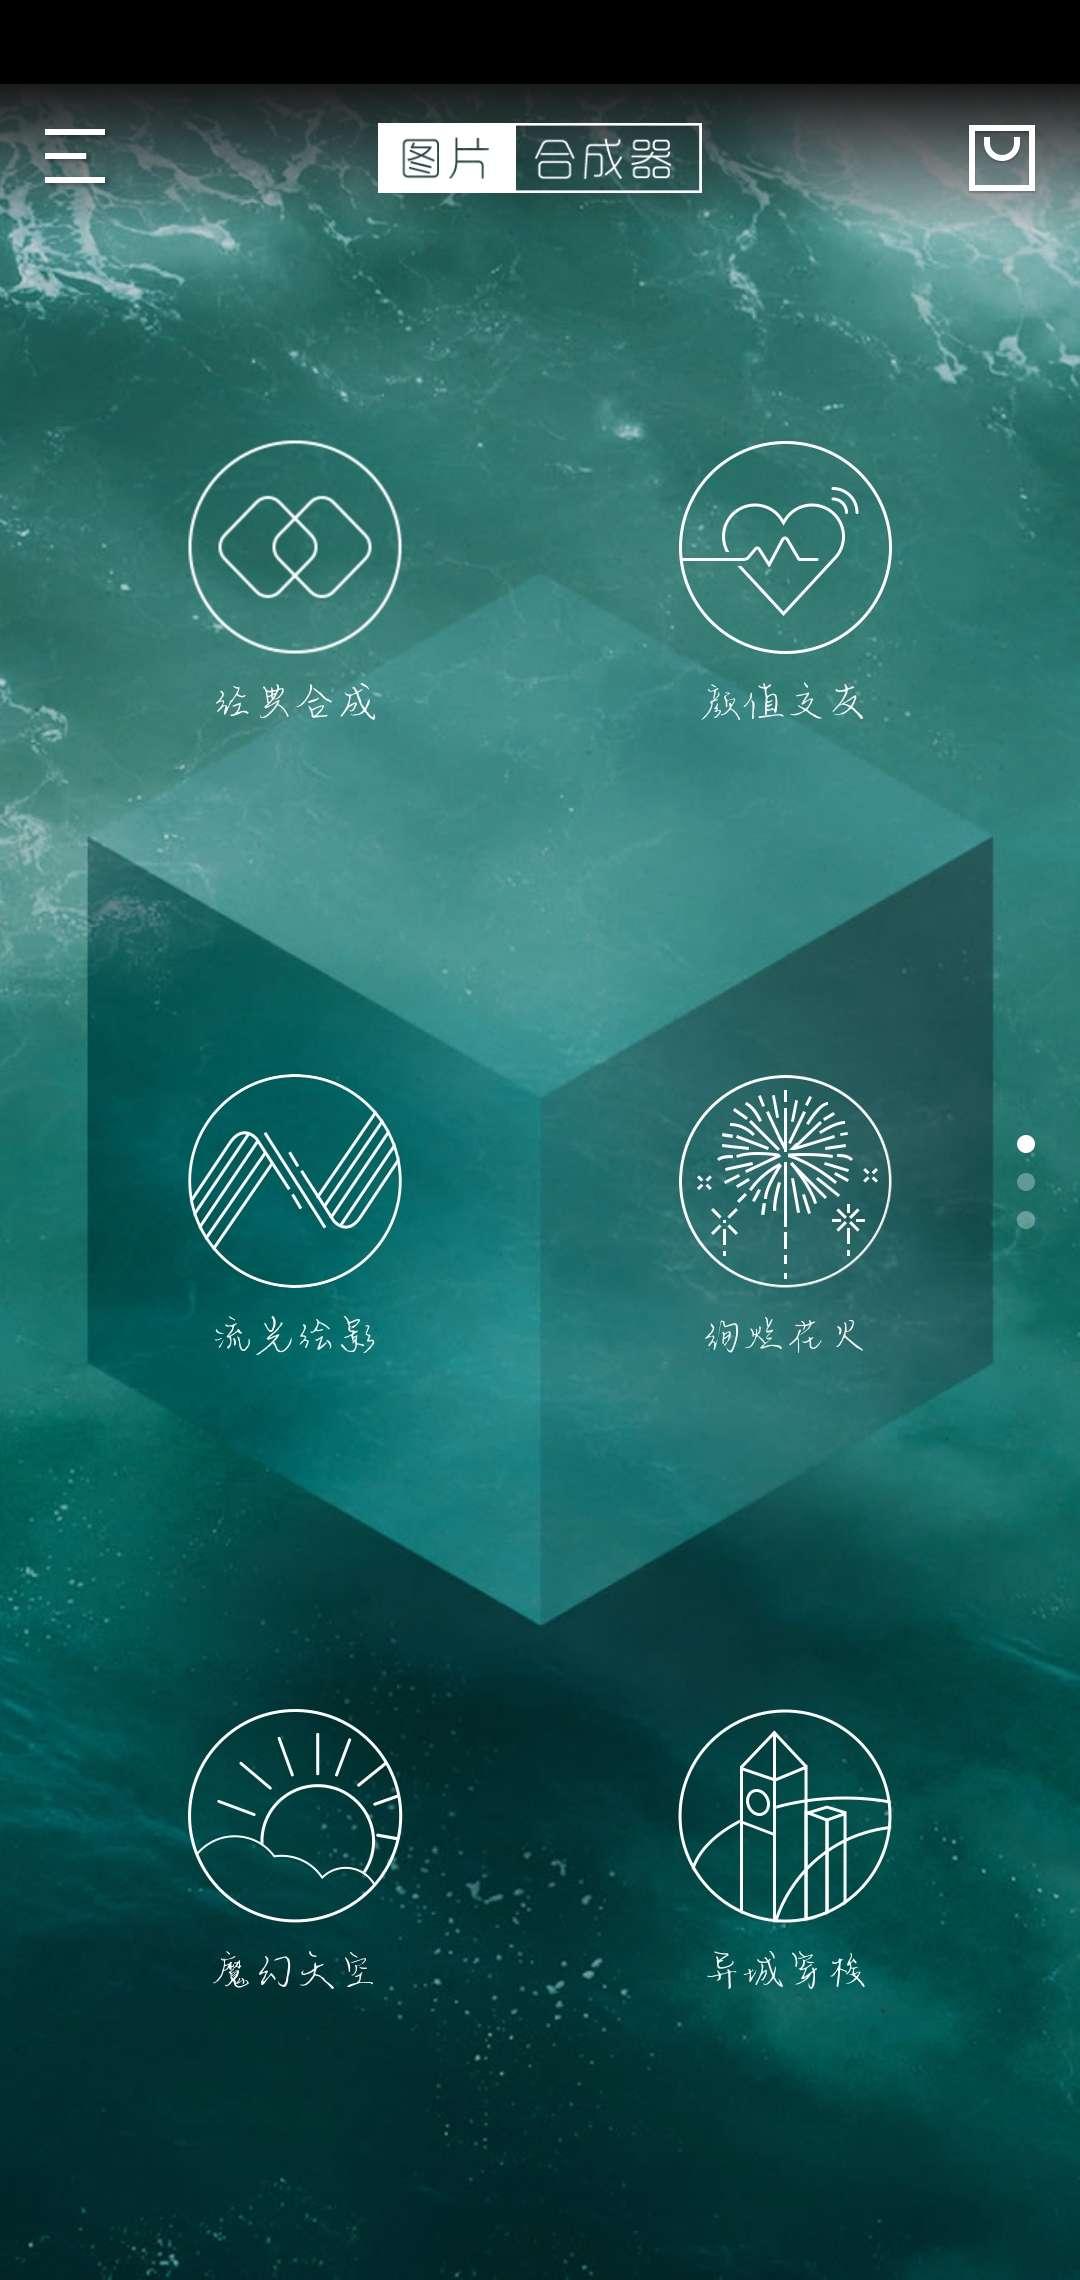 【考核】图片合成器+1.9.3